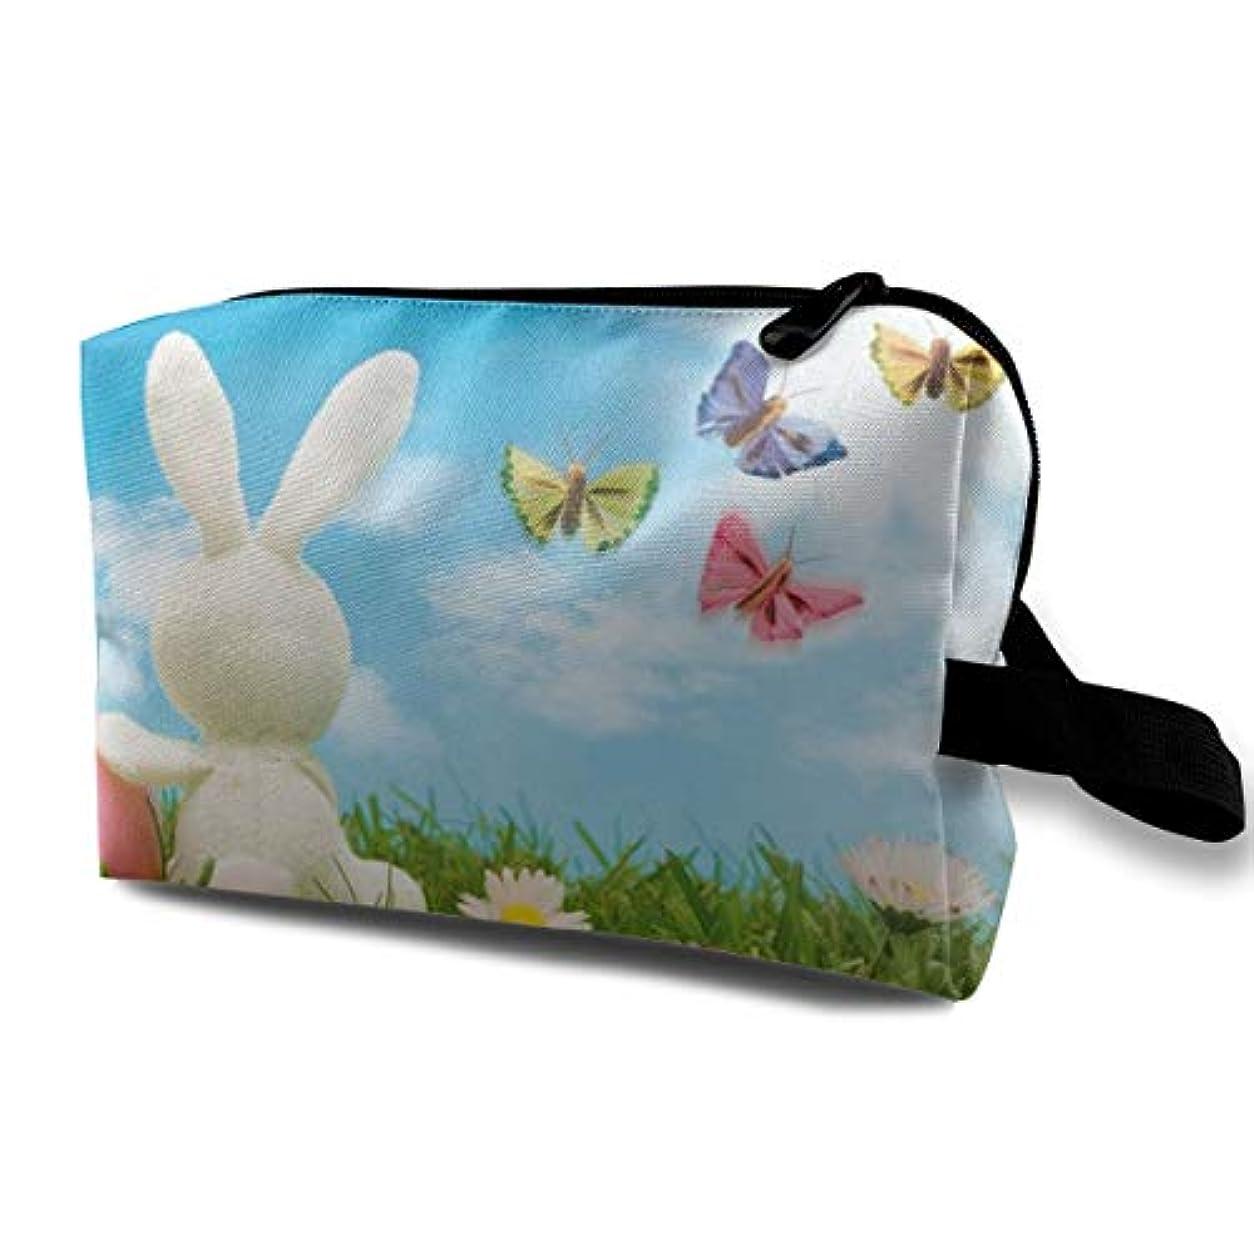 階段グレートオークの慈悲でNature Blue Sky Spring Rabbit Easter 収納ポーチ 化粧ポーチ 大容量 軽量 耐久性 ハンドル付持ち運び便利。入れ 自宅?出張?旅行?アウトドア撮影などに対応。メンズ レディース トラベルグッズ